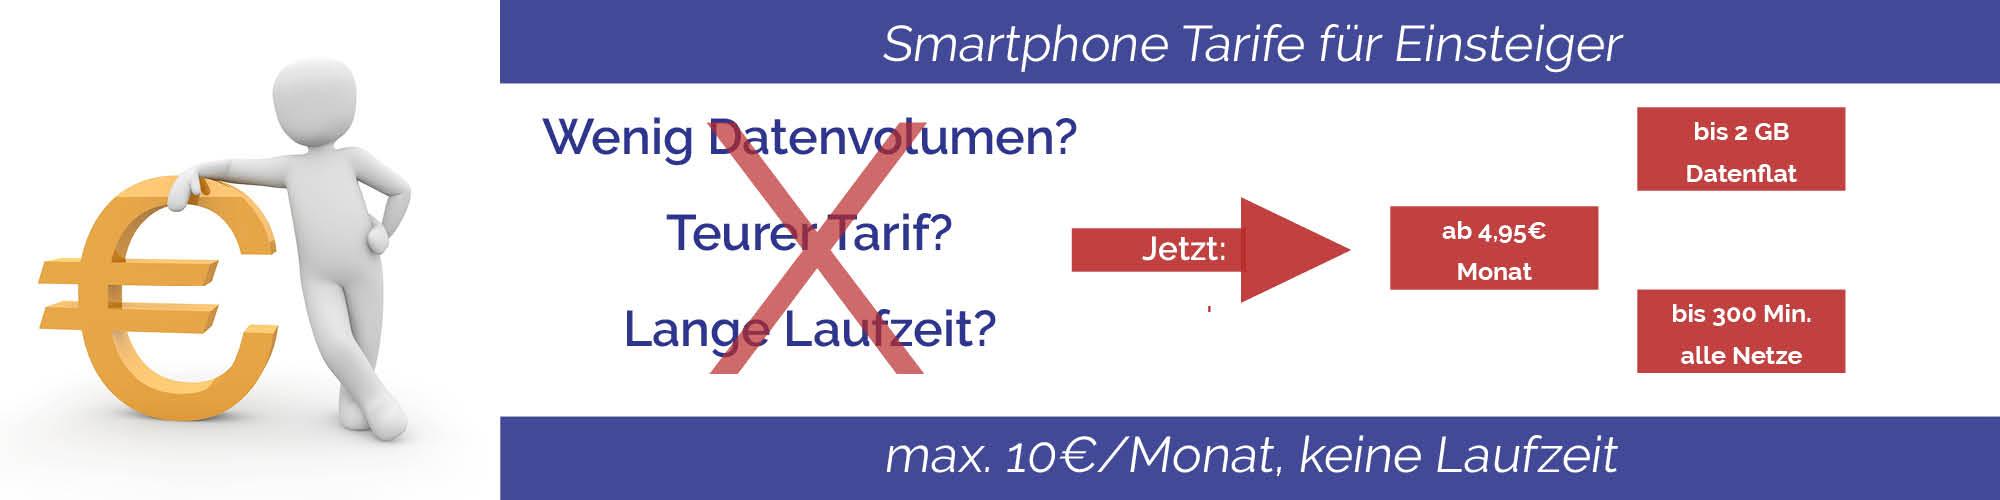 Smartphone Tarife für Einsteiger